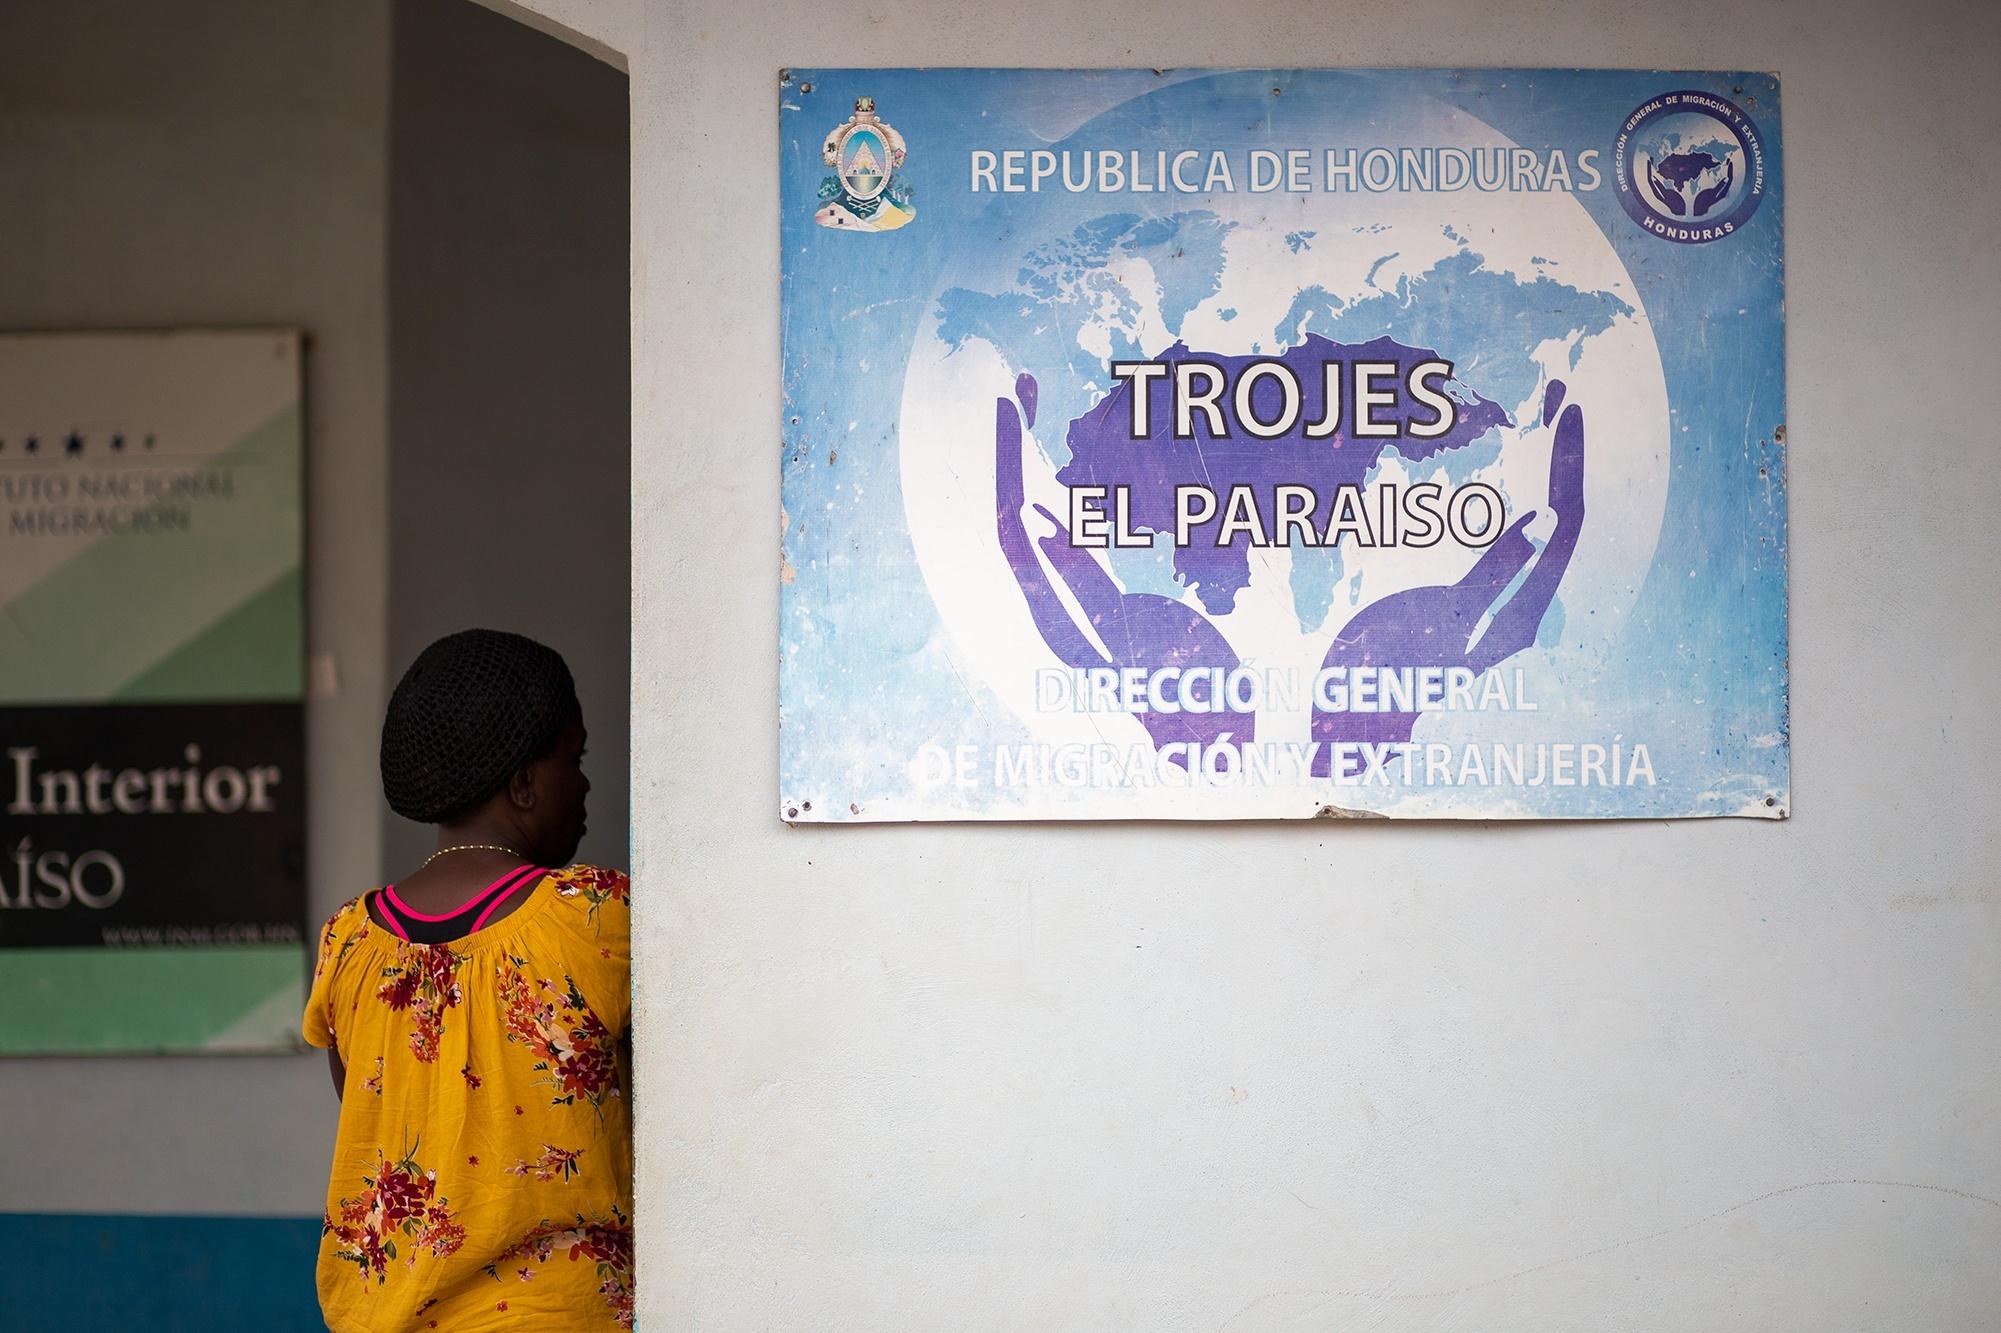 Una joven haitiana espera ser atendida en la oficina de control migratorio del municipio de Trójes en el departamento de El Paraíso. 21 de abril de 2021. Foto: Martín Cálix.